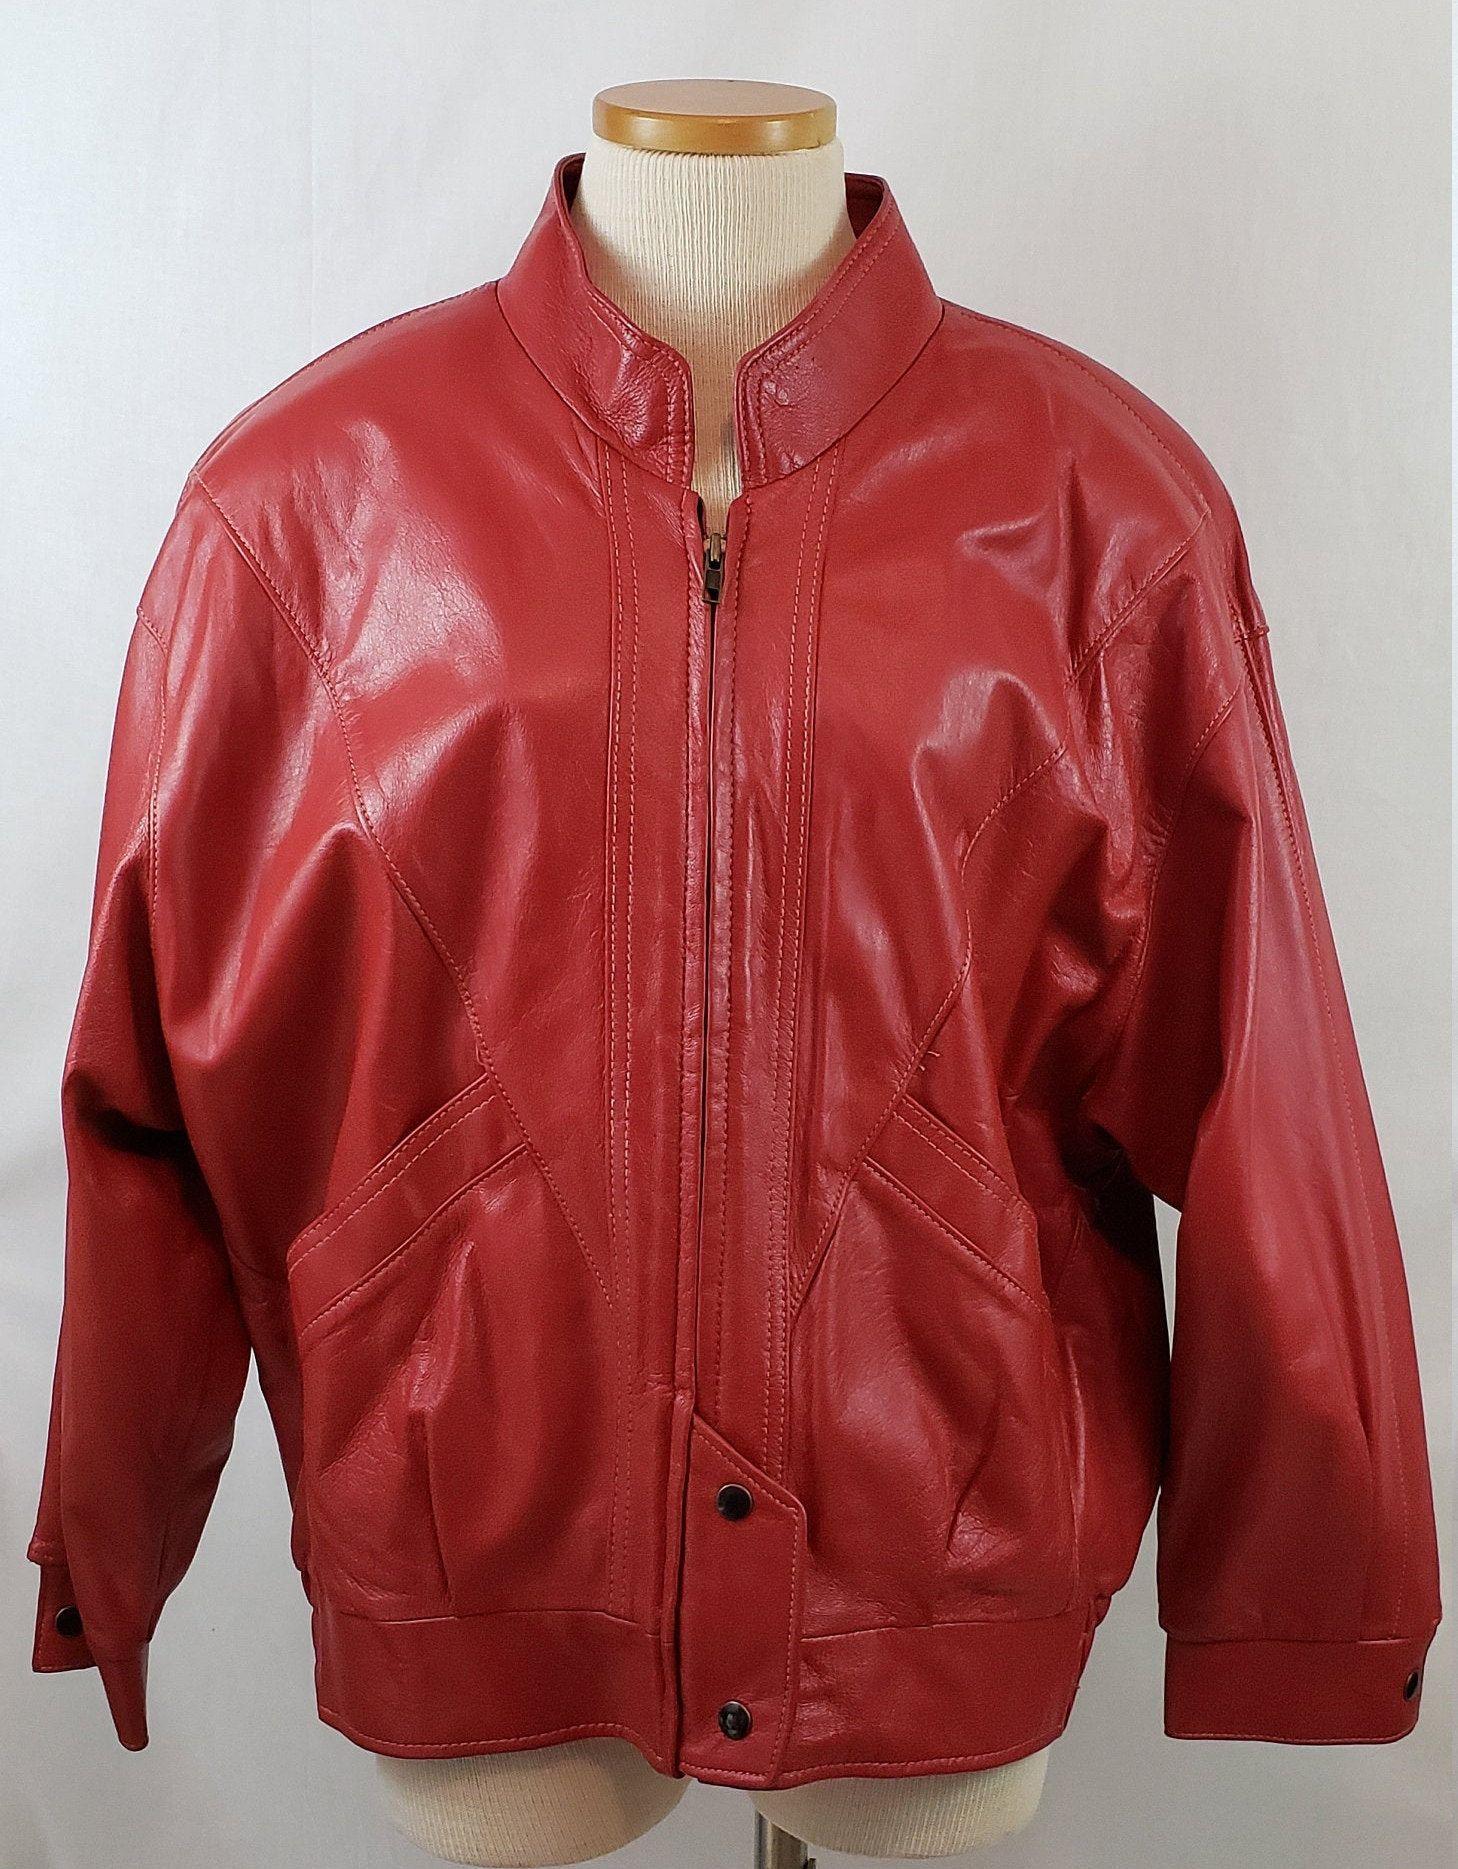 Vintage Red Leather Jacket 1980 S New Wave Thriller Etsy Red Leather Jacket Leather Jacket Jackets [ 1869 x 1458 Pixel ]